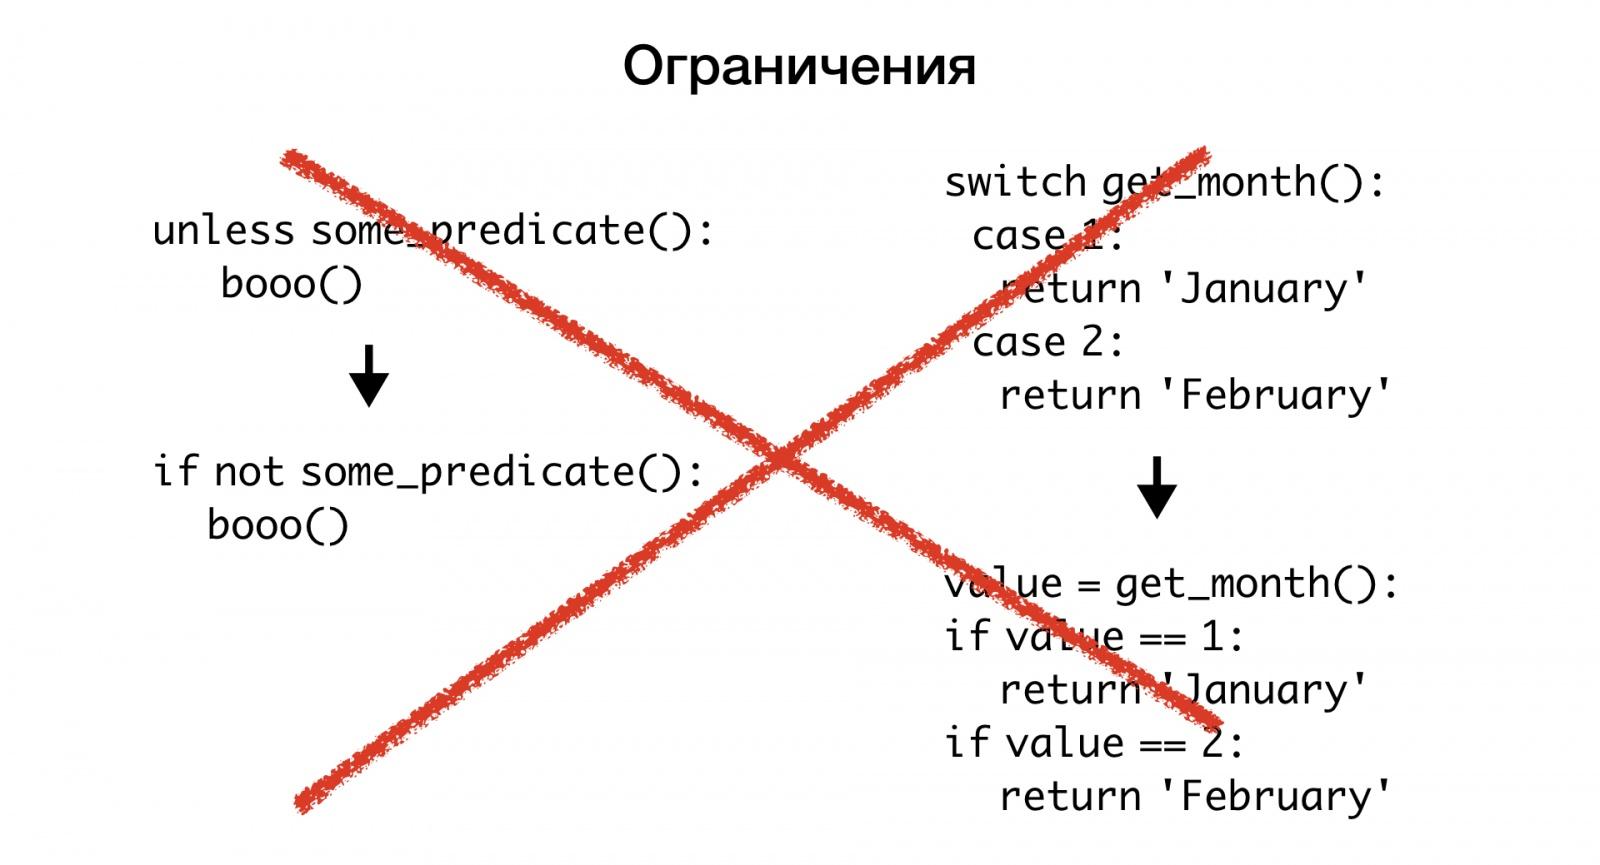 Макросы для питониста. Доклад Яндекса - 34